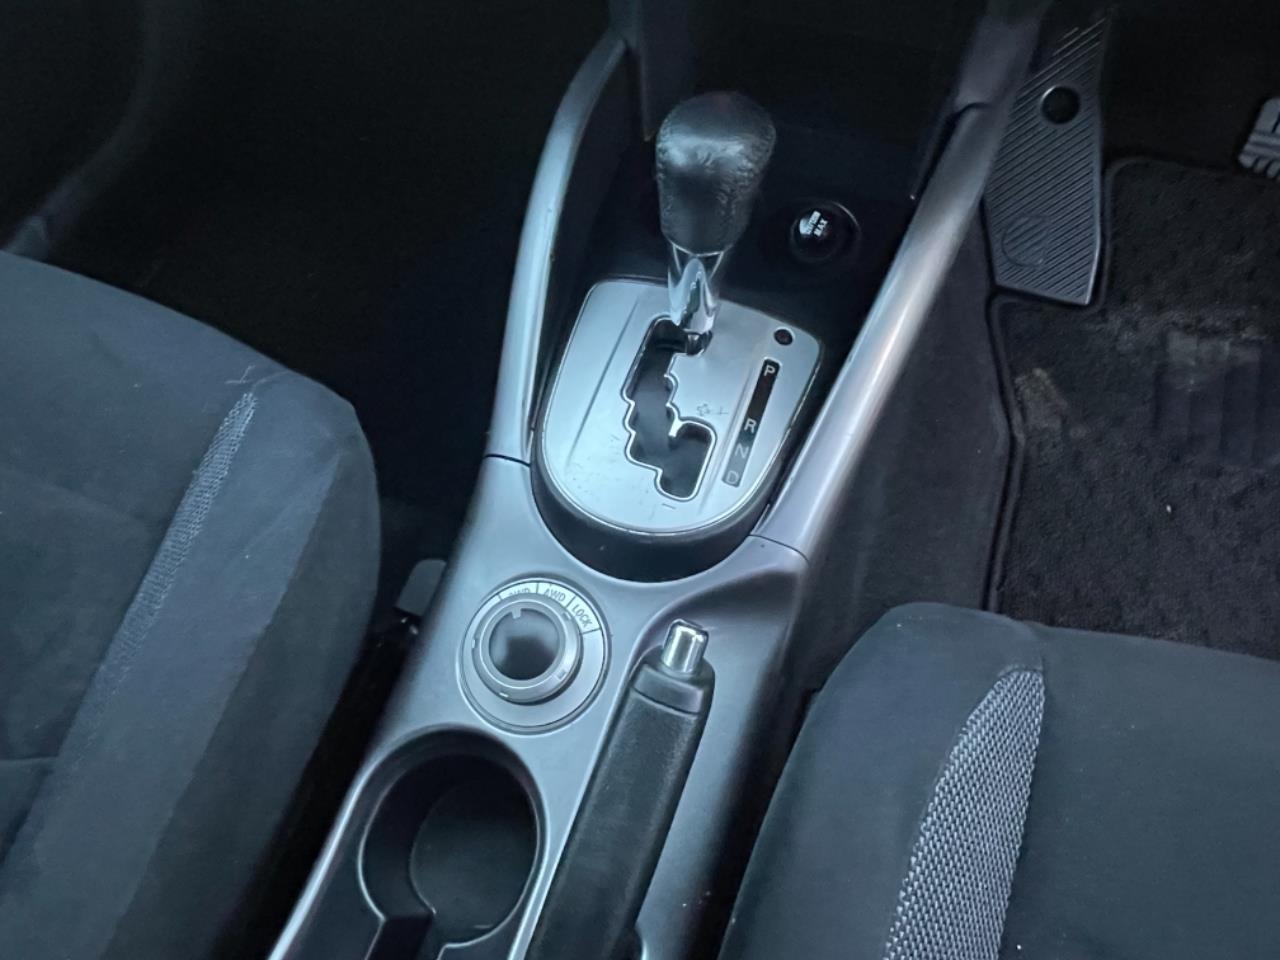 image-12, 2007 Mitsubishi Outlander 24G 4WD 7-Seater at Christchurch